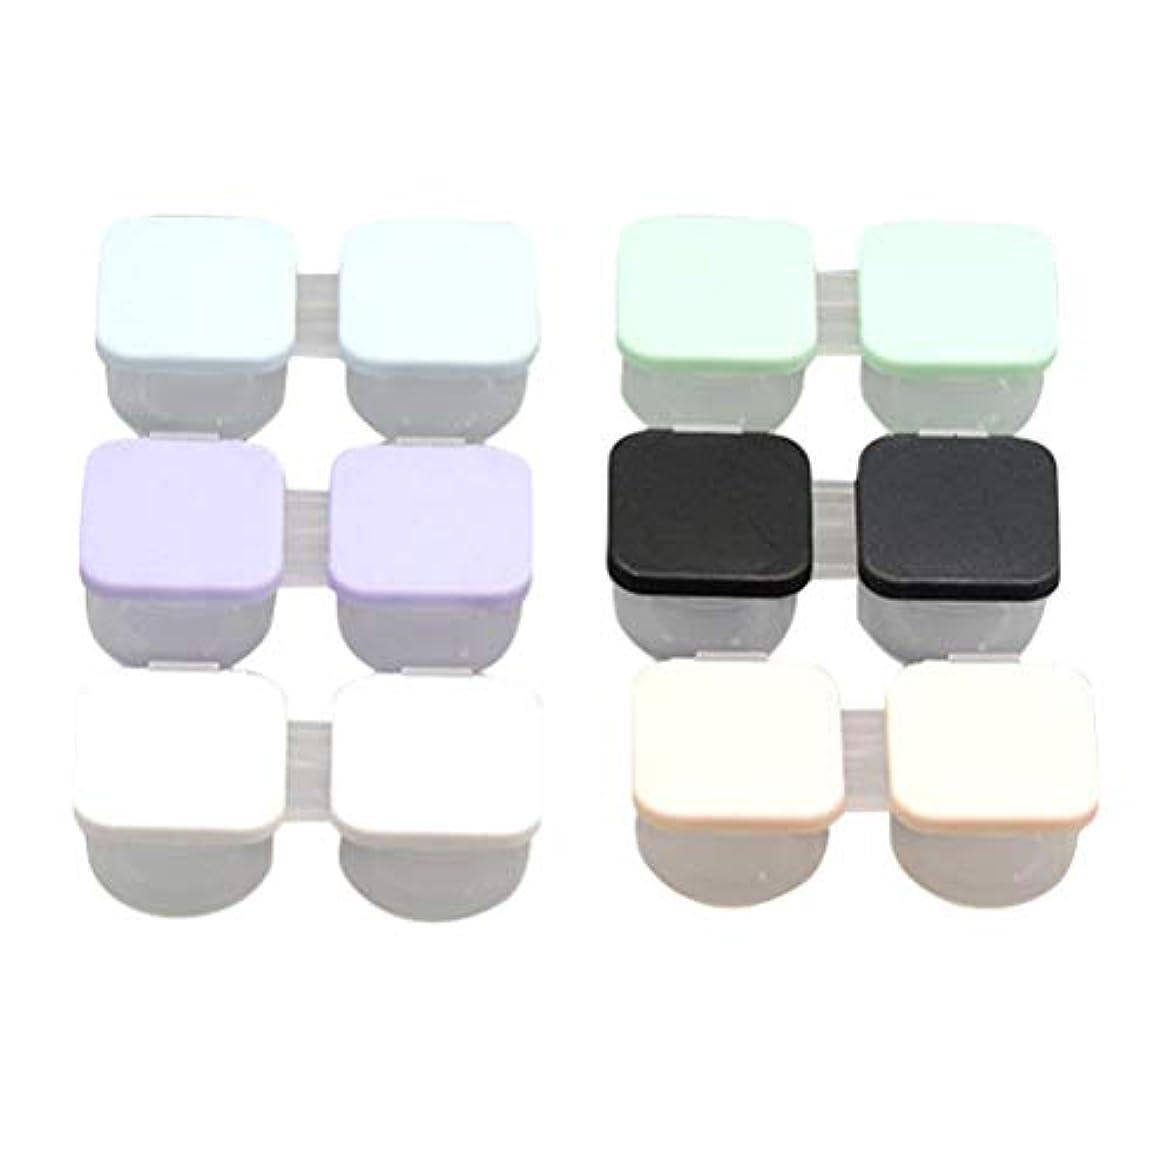 デザートグリーンバック犬SUPVOX コンタクトケース ケアパレット 保存ケース プラスチック製 軽量 安全6個入(混色)